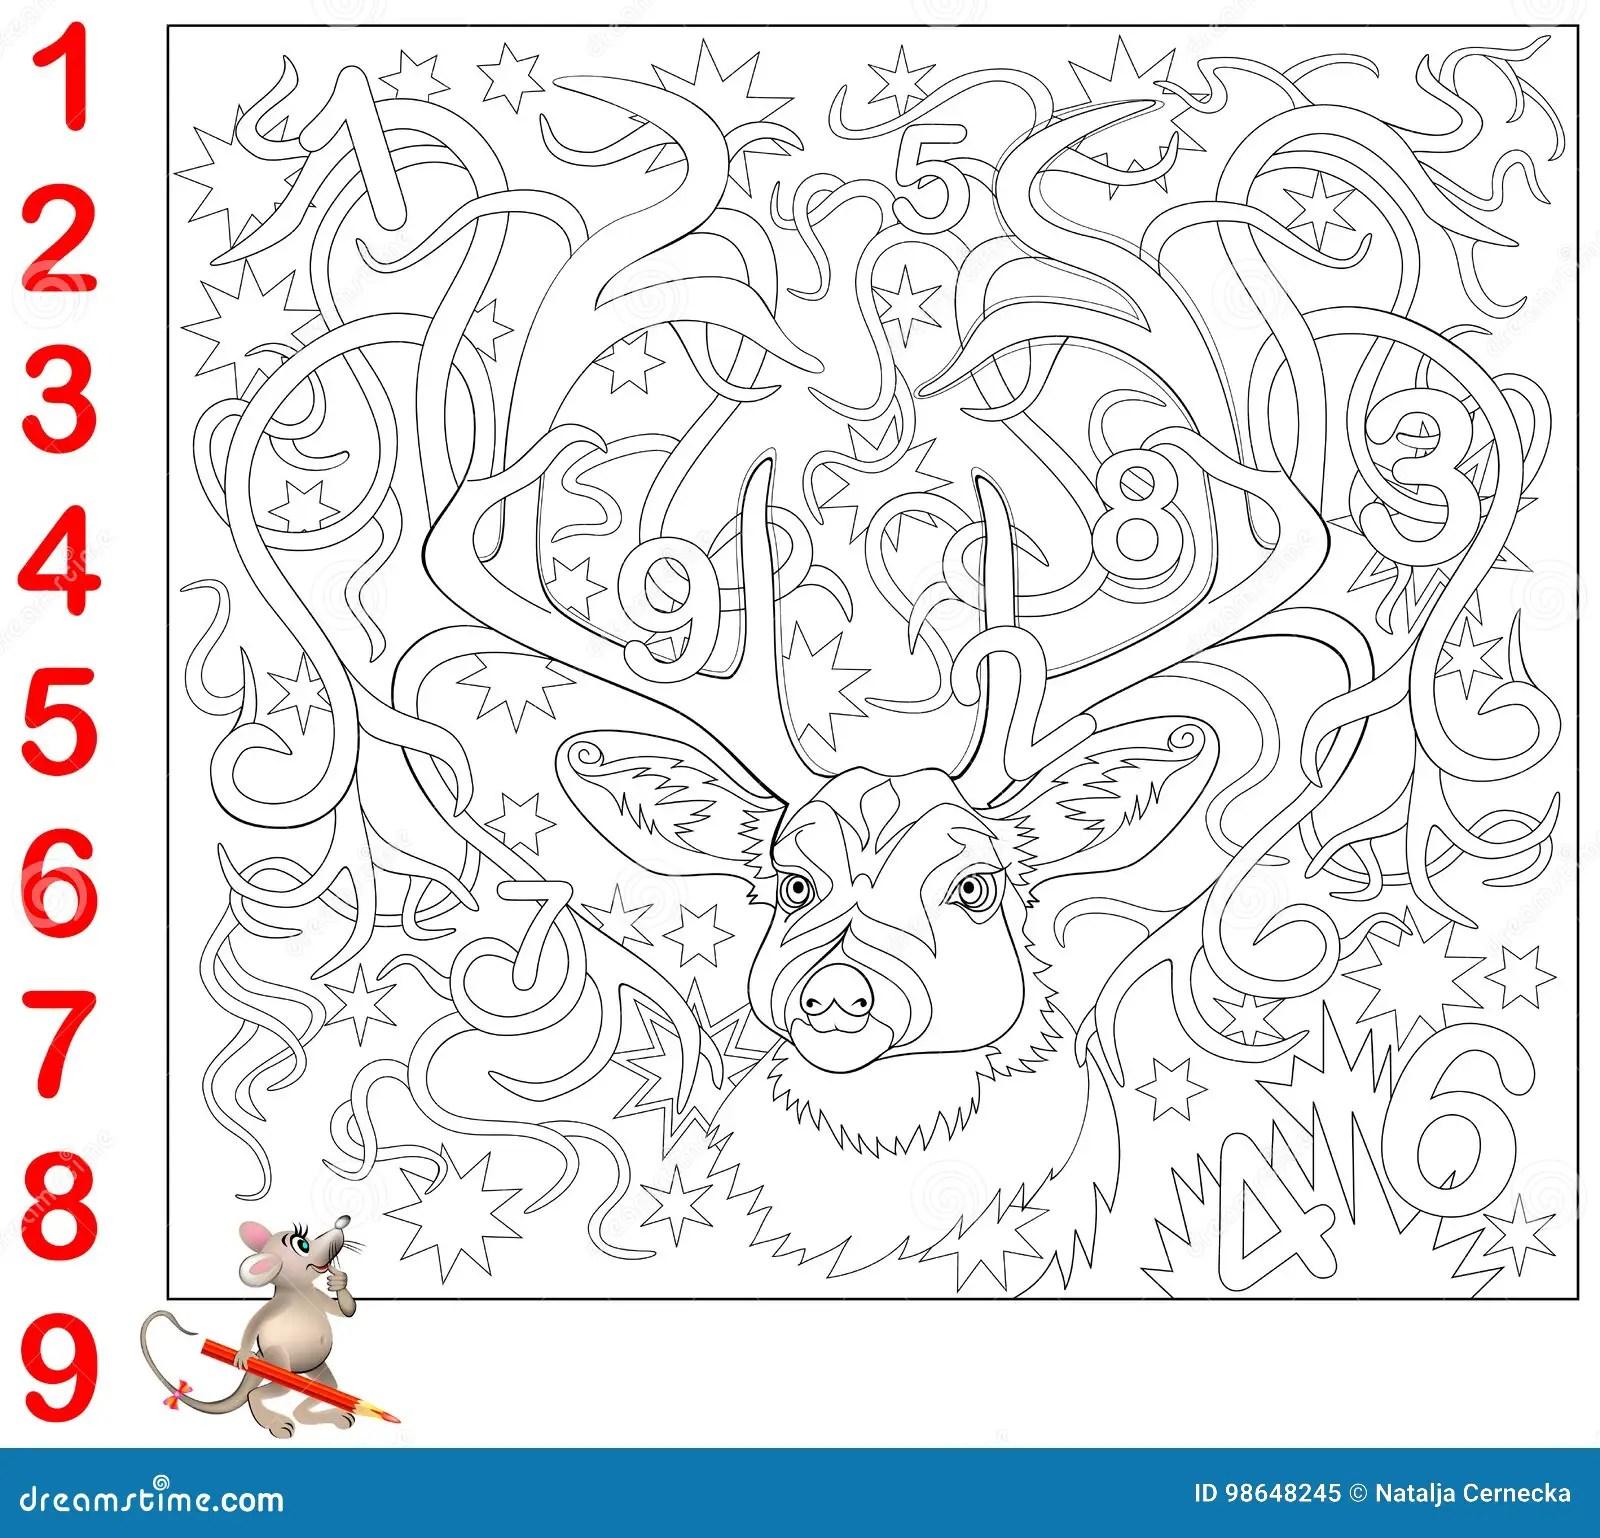 Pagina Educativa Per I Bambini Piccoli Trovi I Numeri Nascosti Nell Immagine E Dipingali Gioco